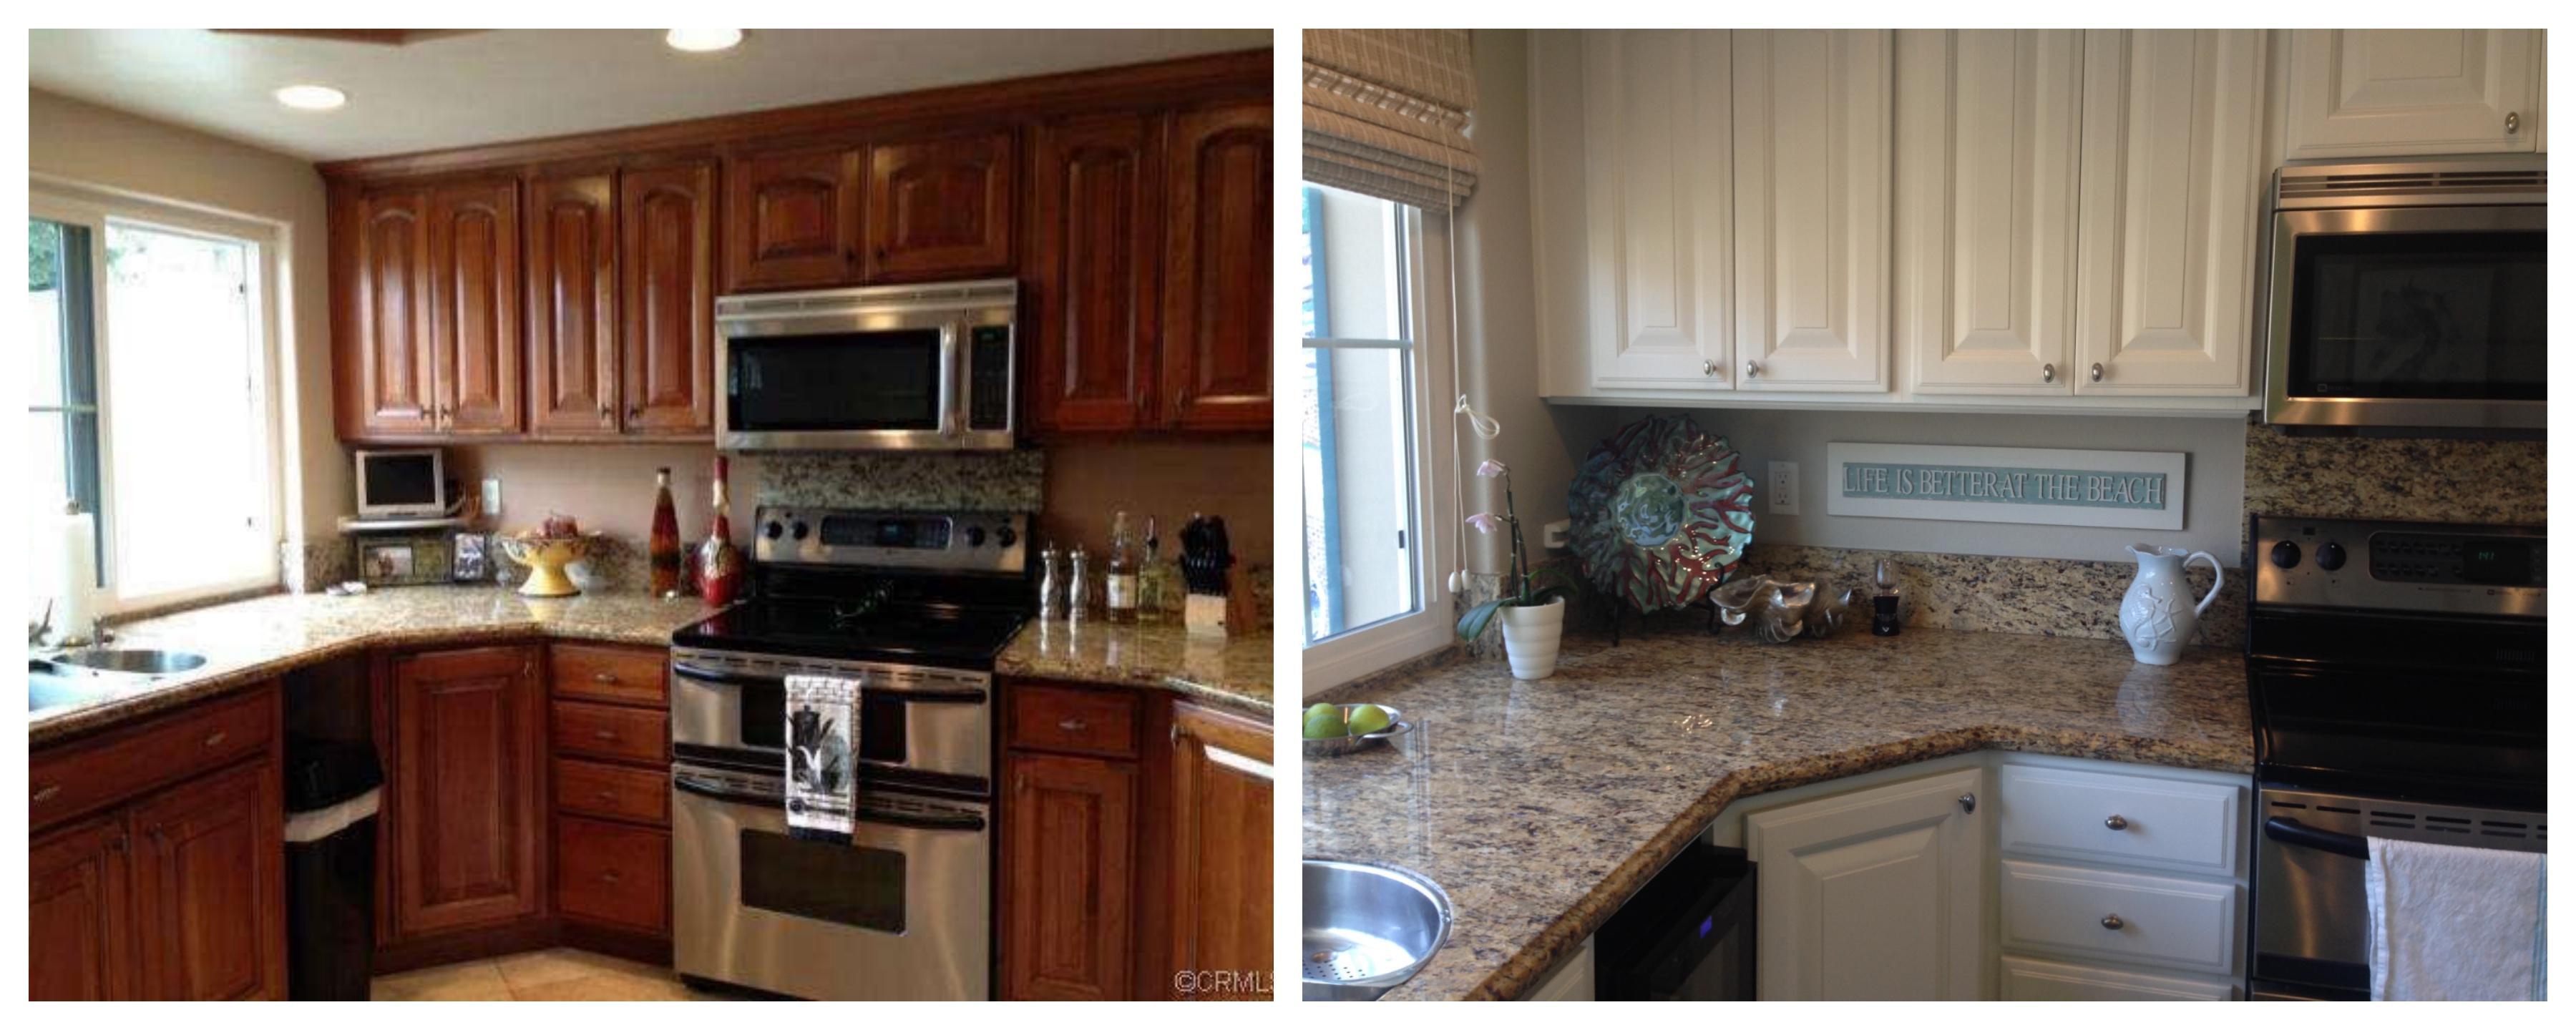 kitchen beach simple cabinets interior with design ideas designs wonderful virginia